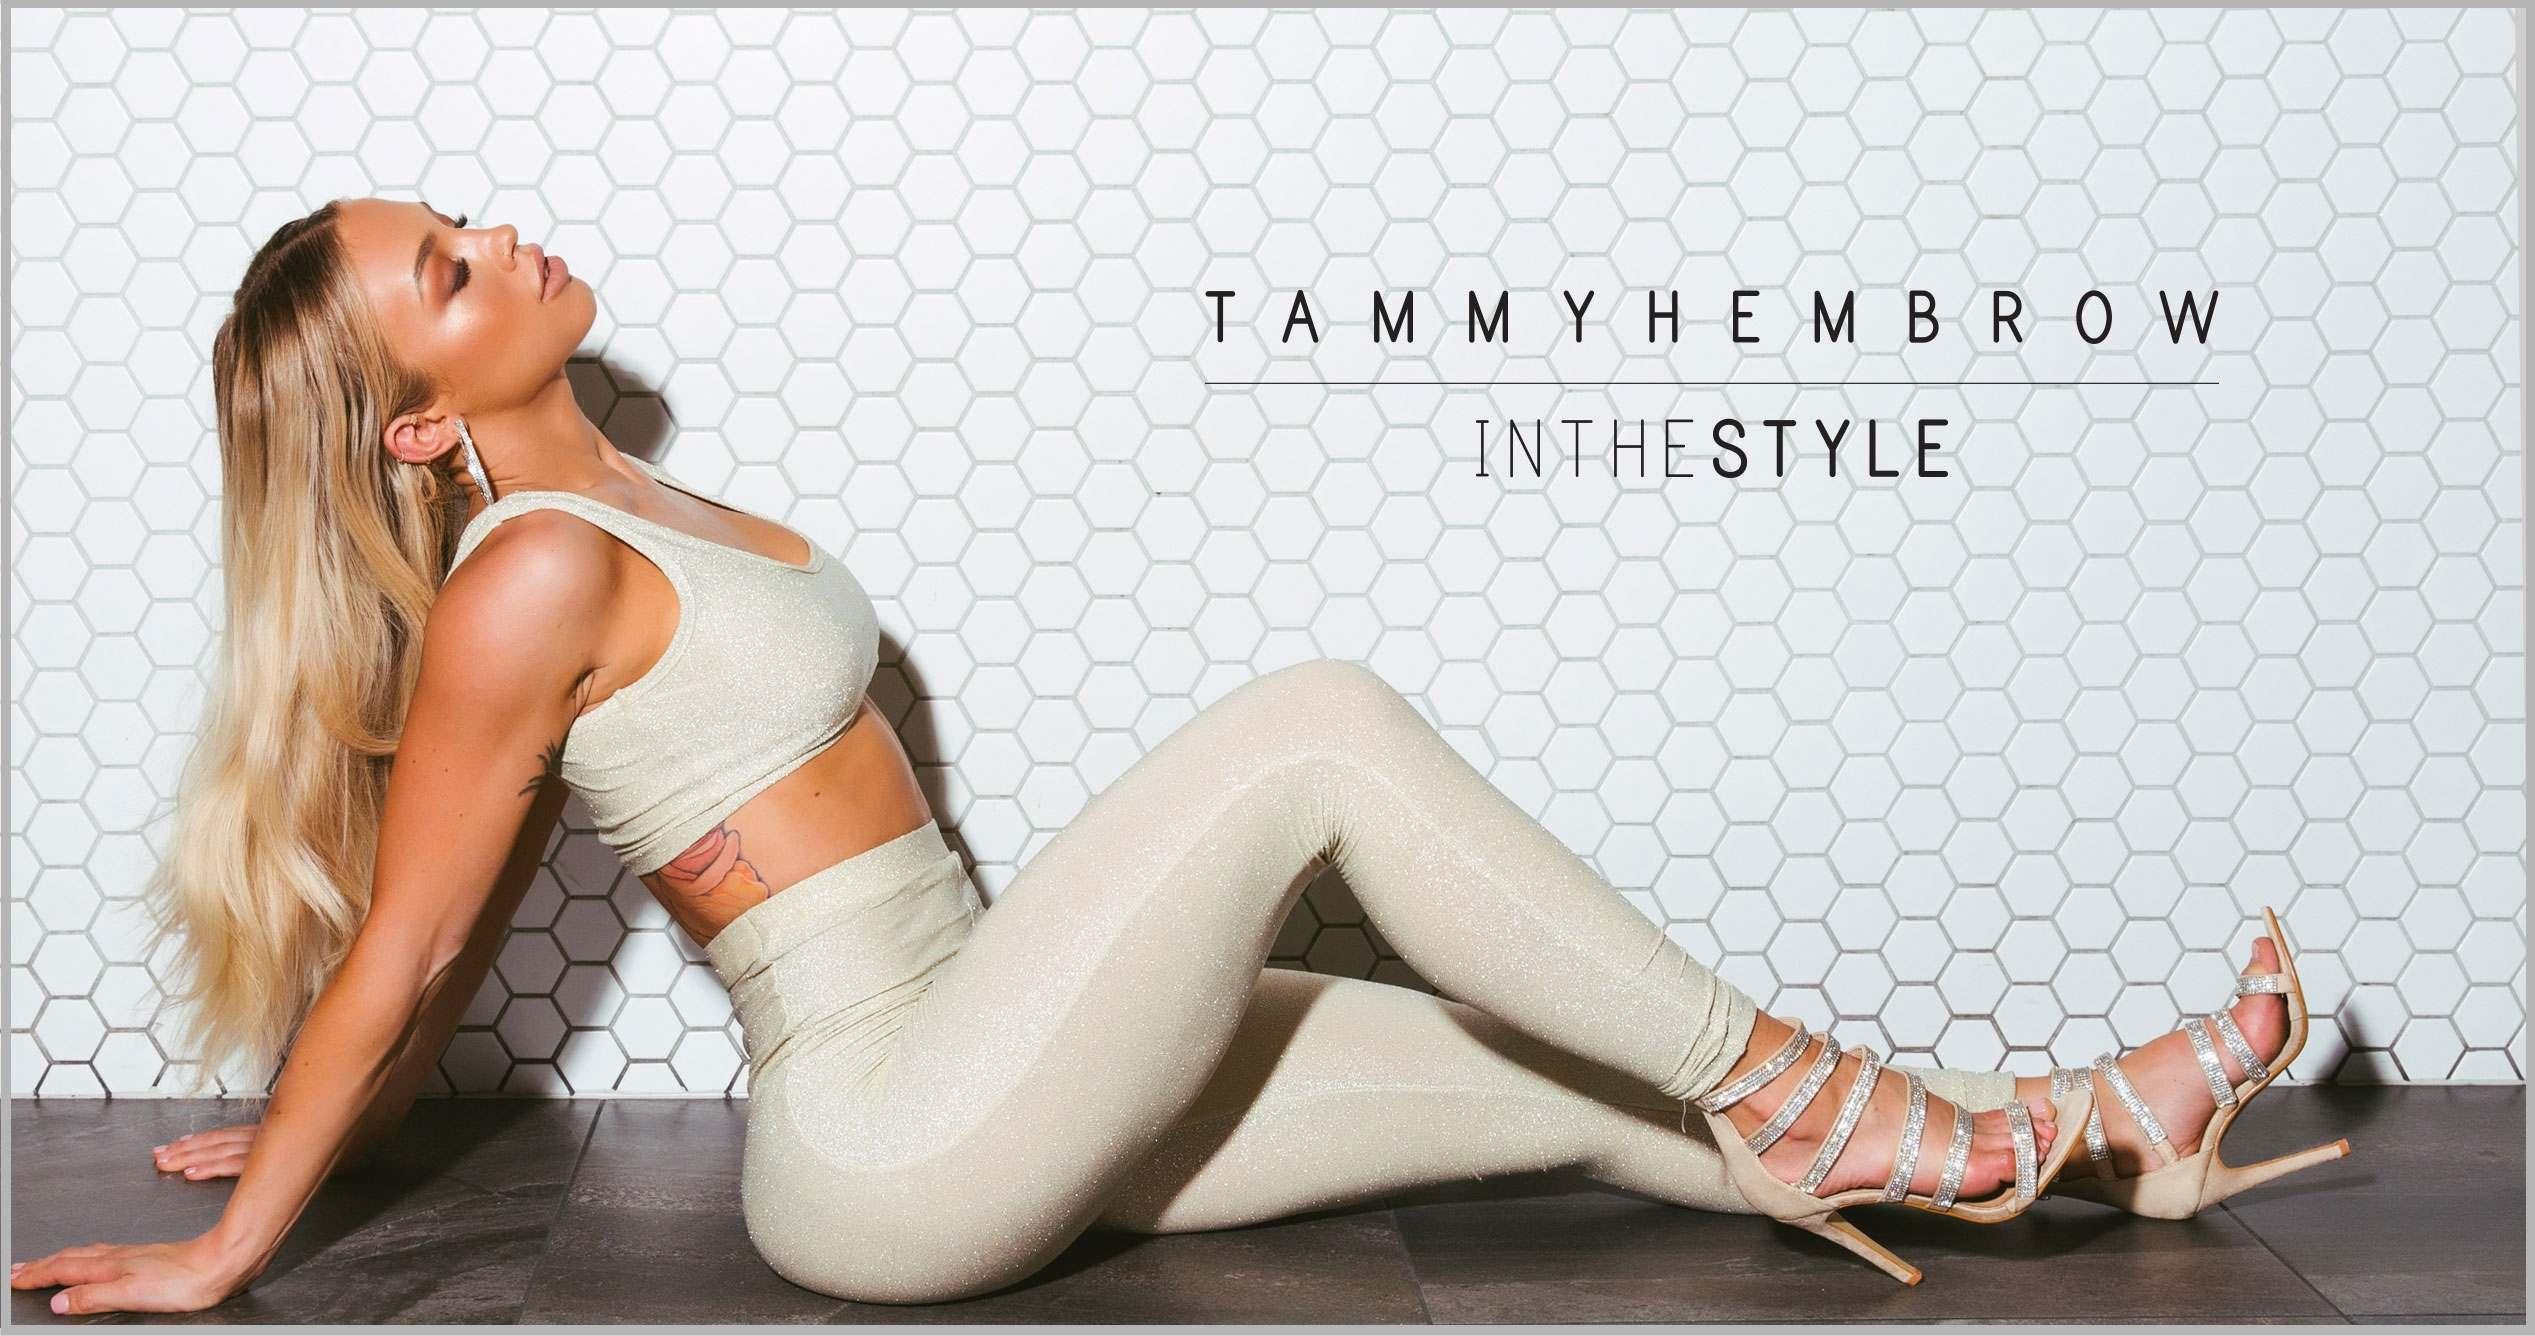 Tammy Hembrow